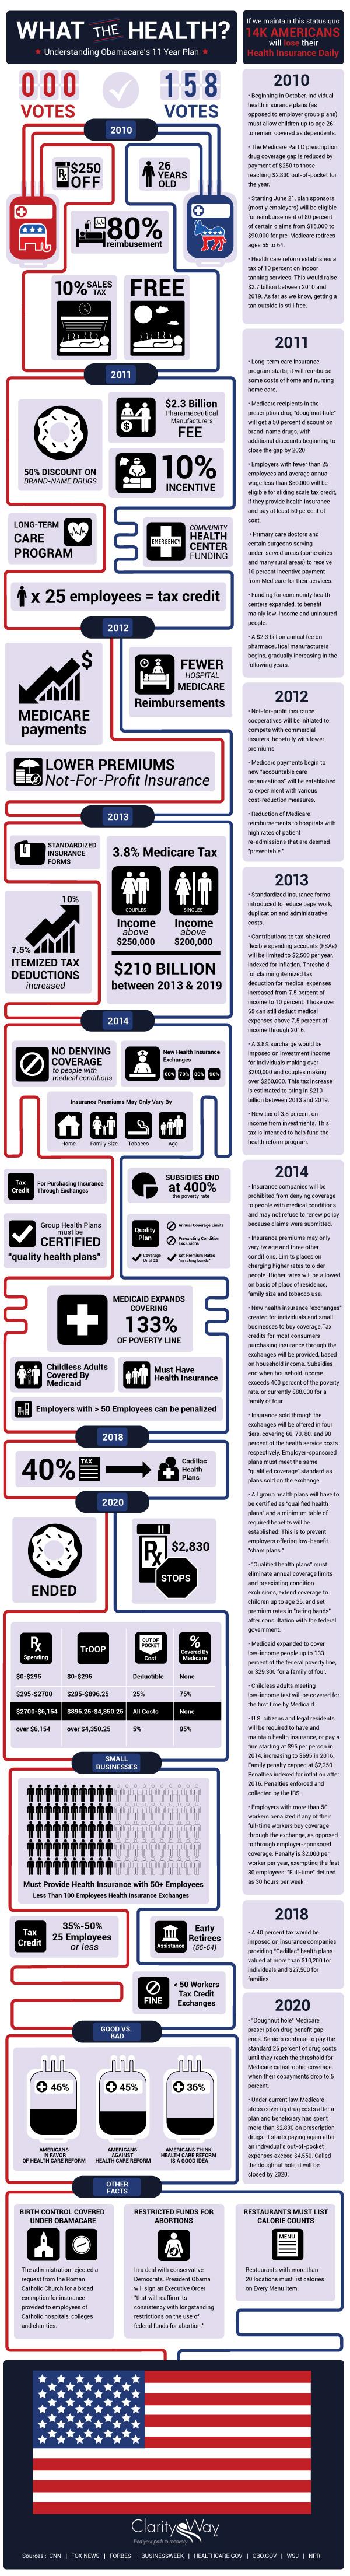 Obamas-Health-Reform